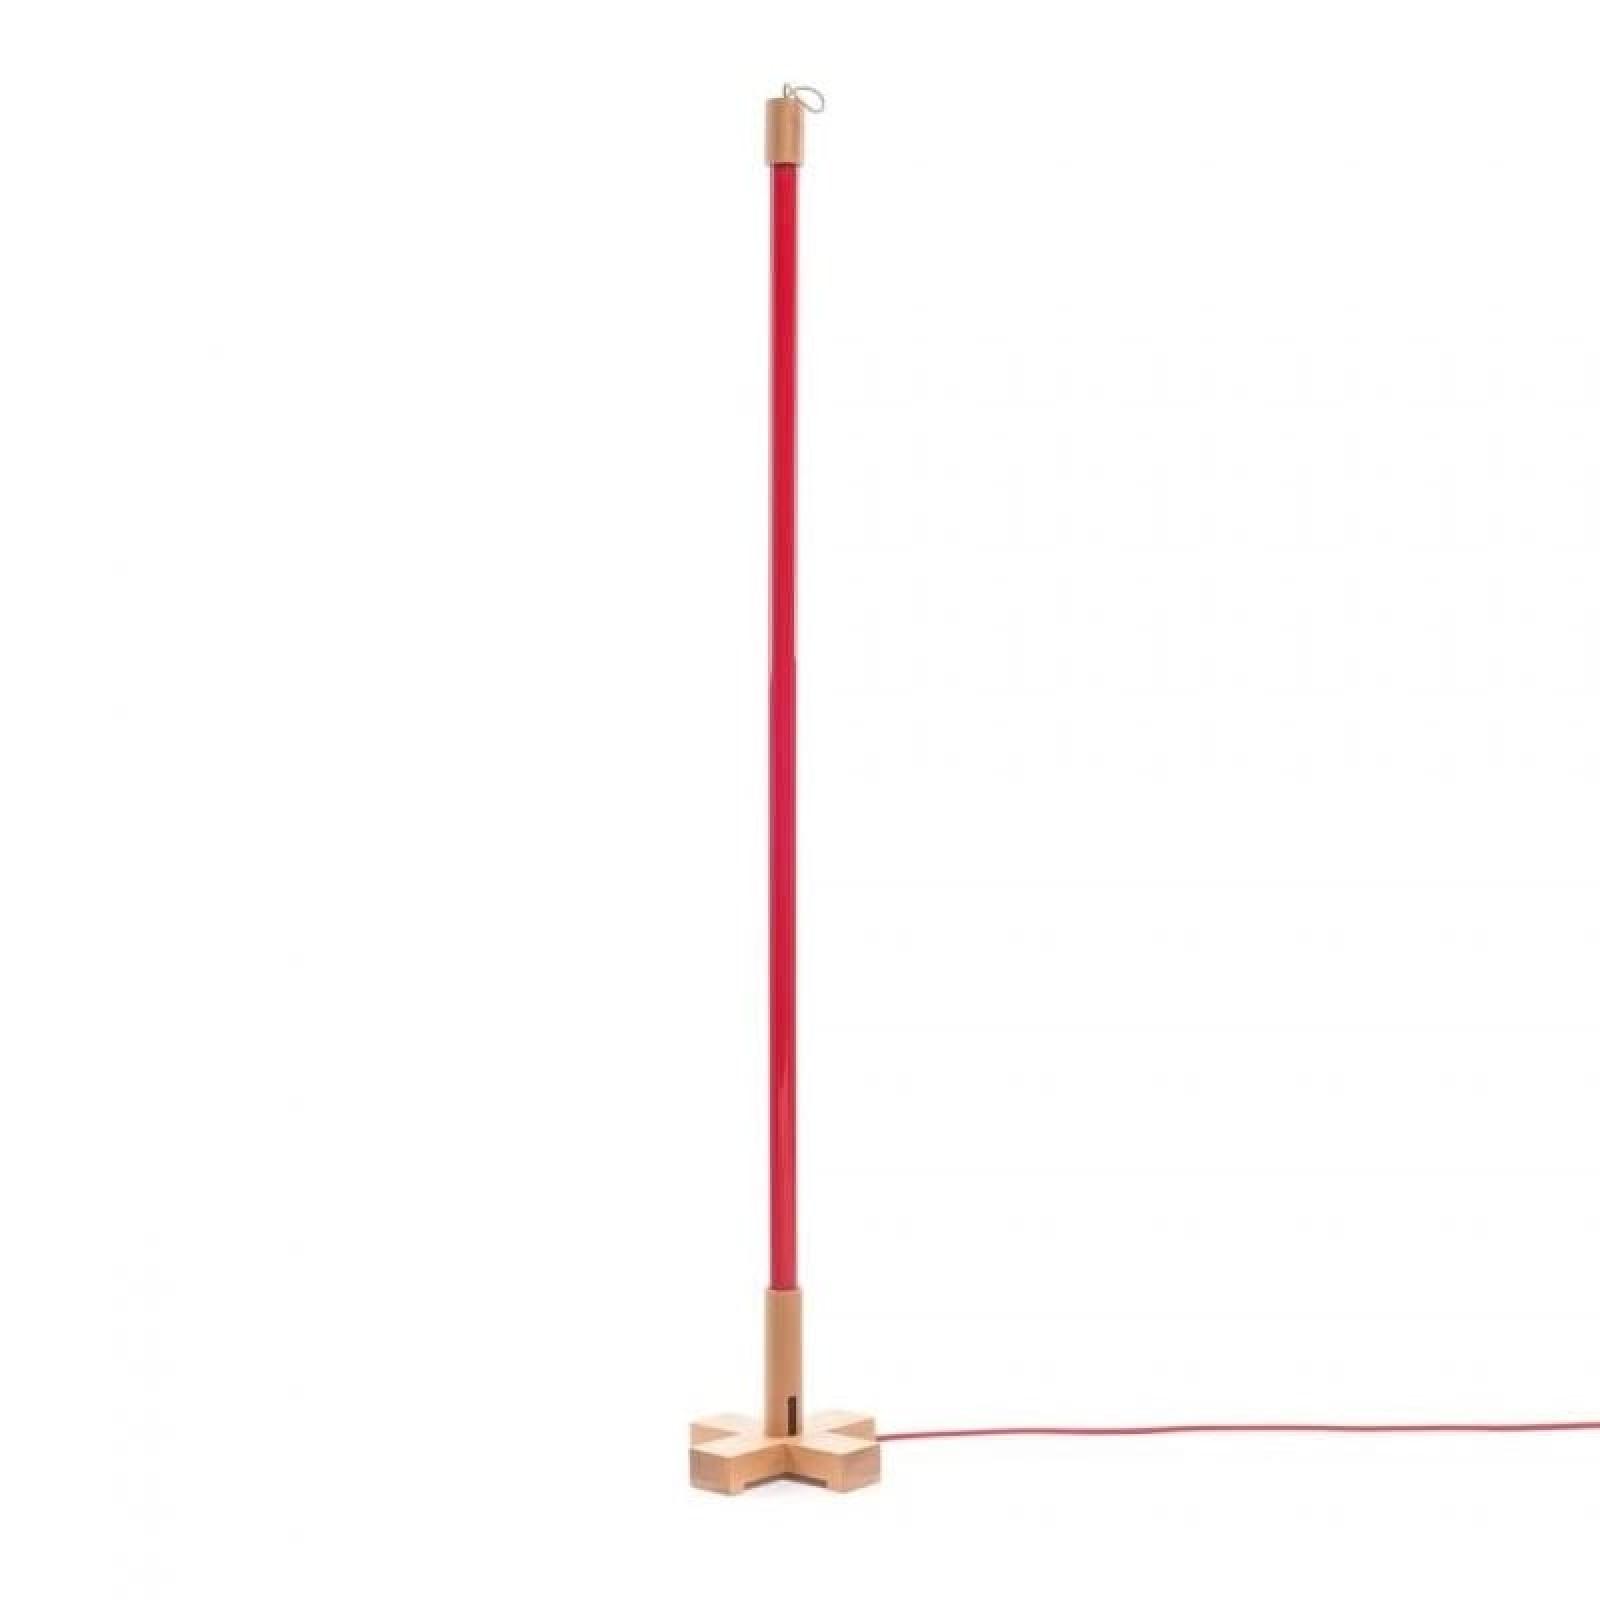 Διακοσμητικό Φωτιστικό Led Linea (Κόκκινο) - Seletti